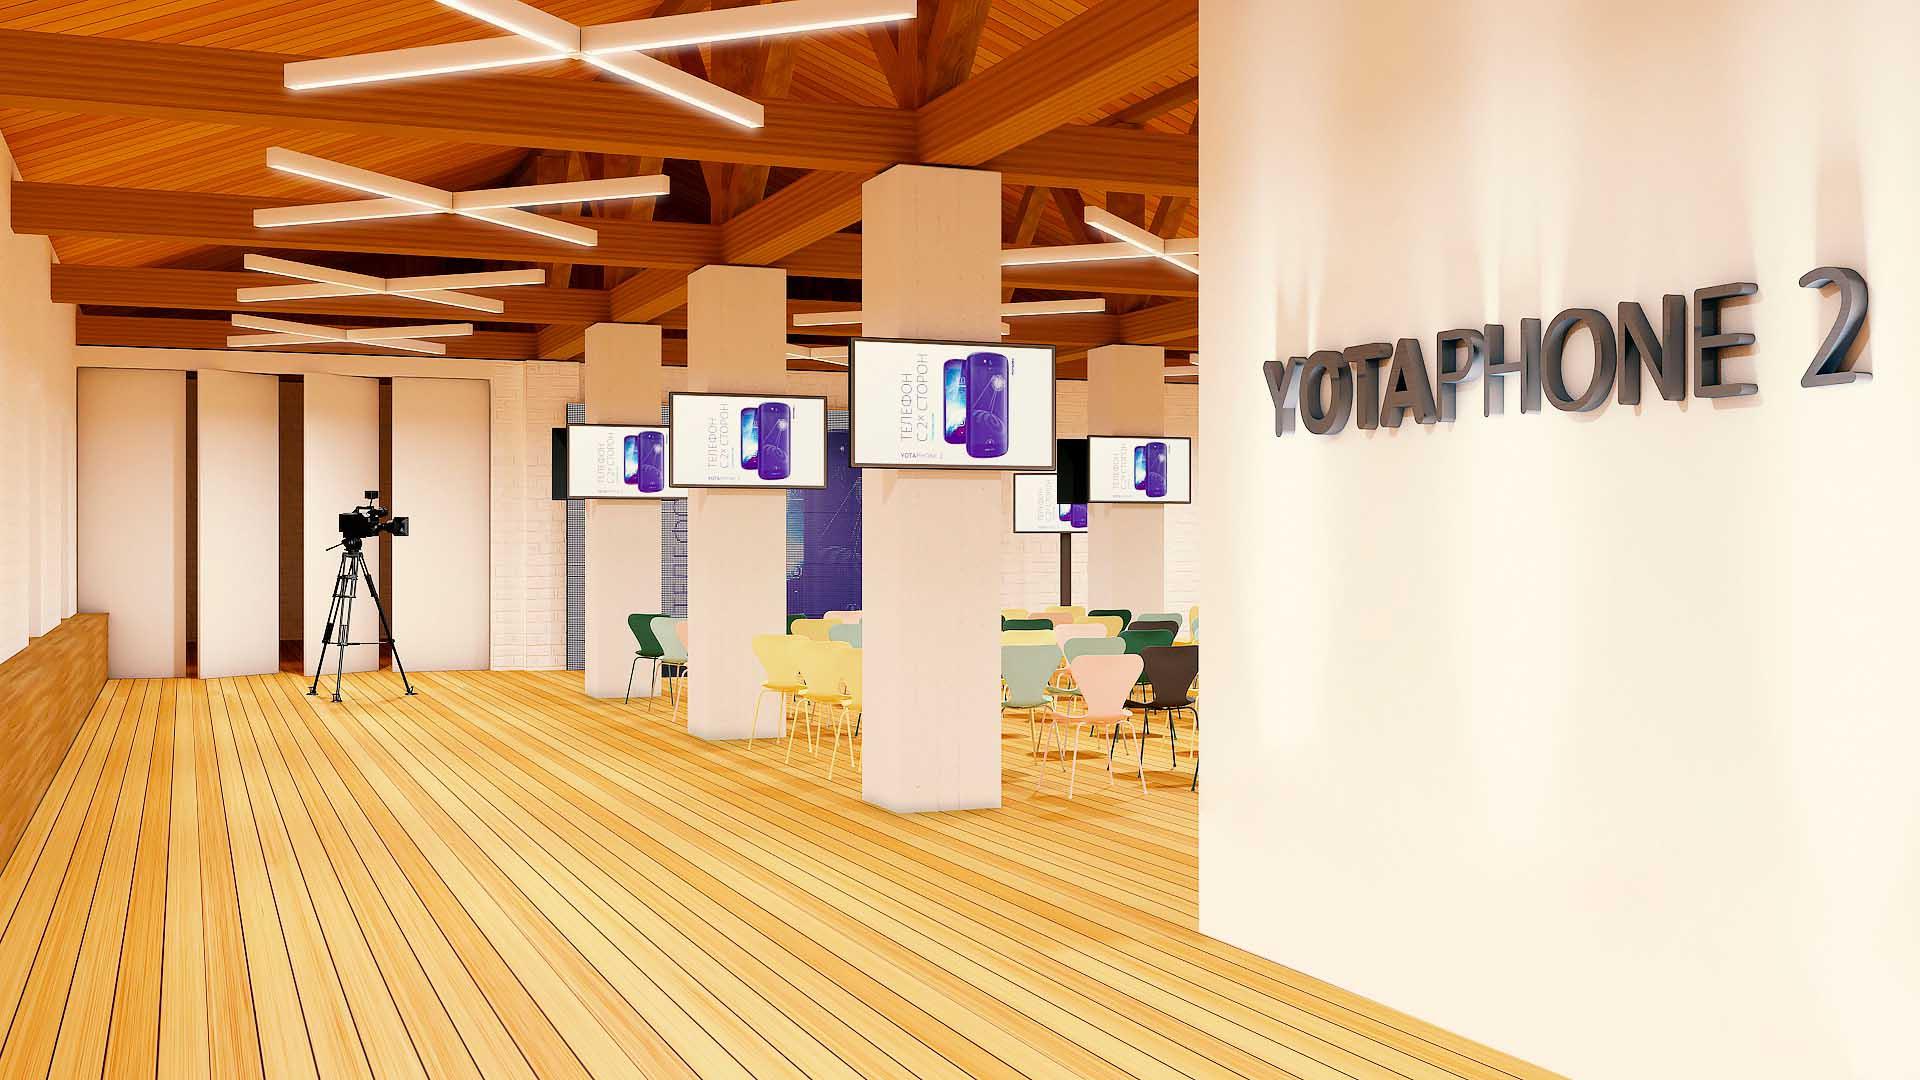 01_3d_3dвизуализация_Yota_yotaphone_event_moscow